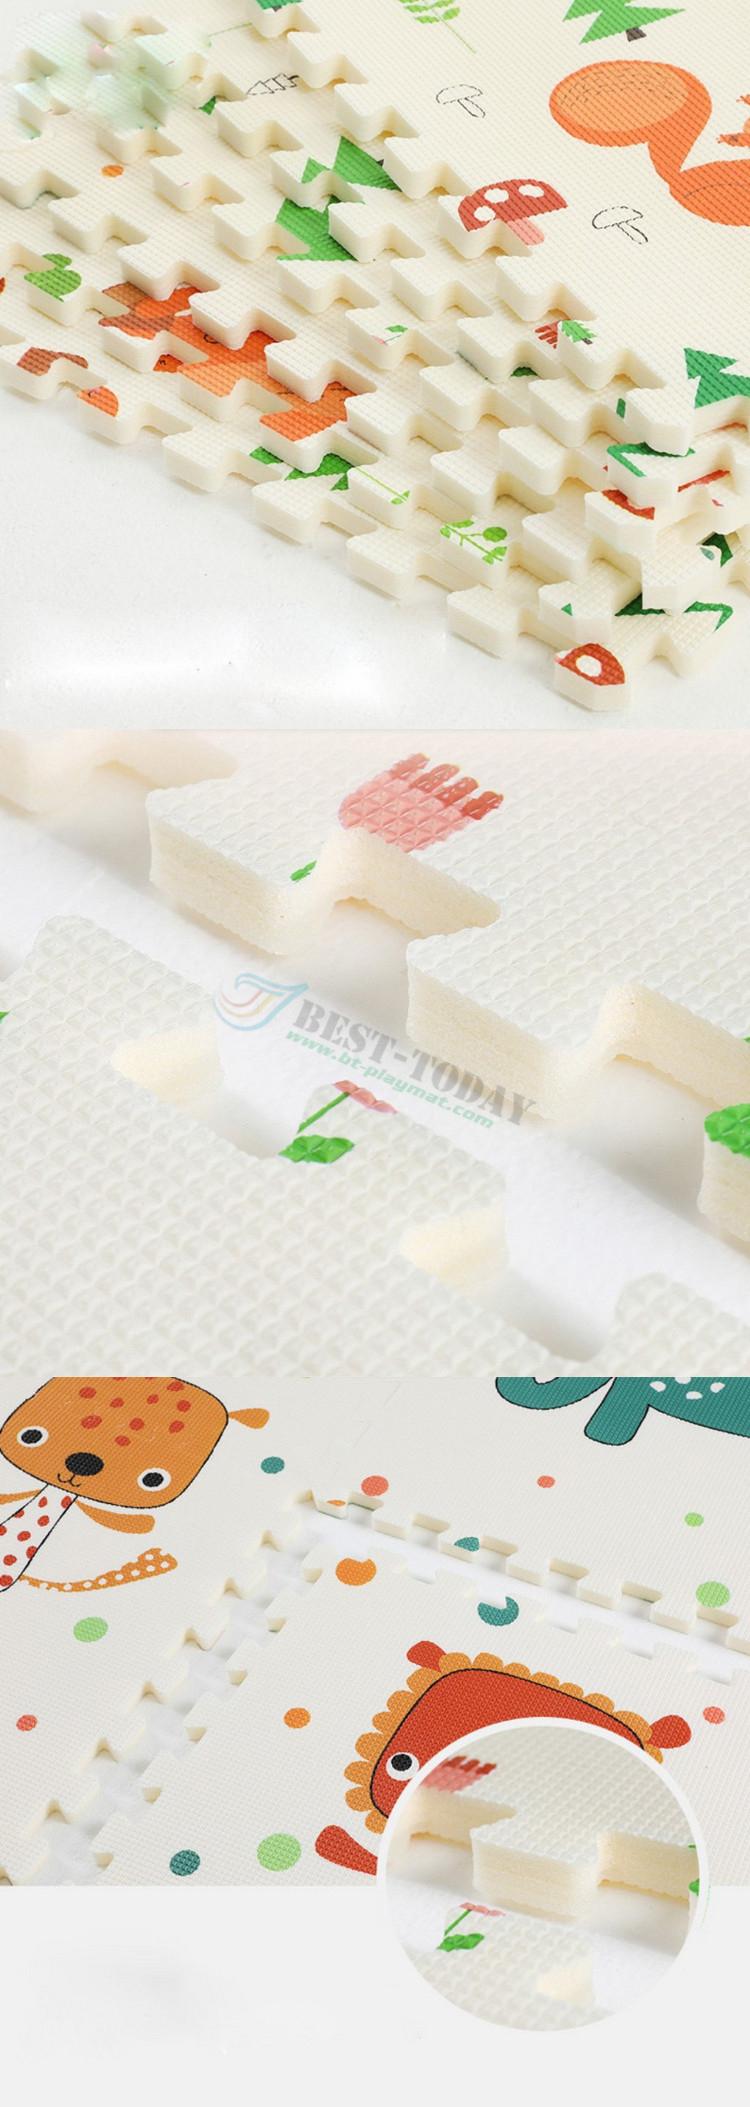 xpe puzzle mat39.jpg